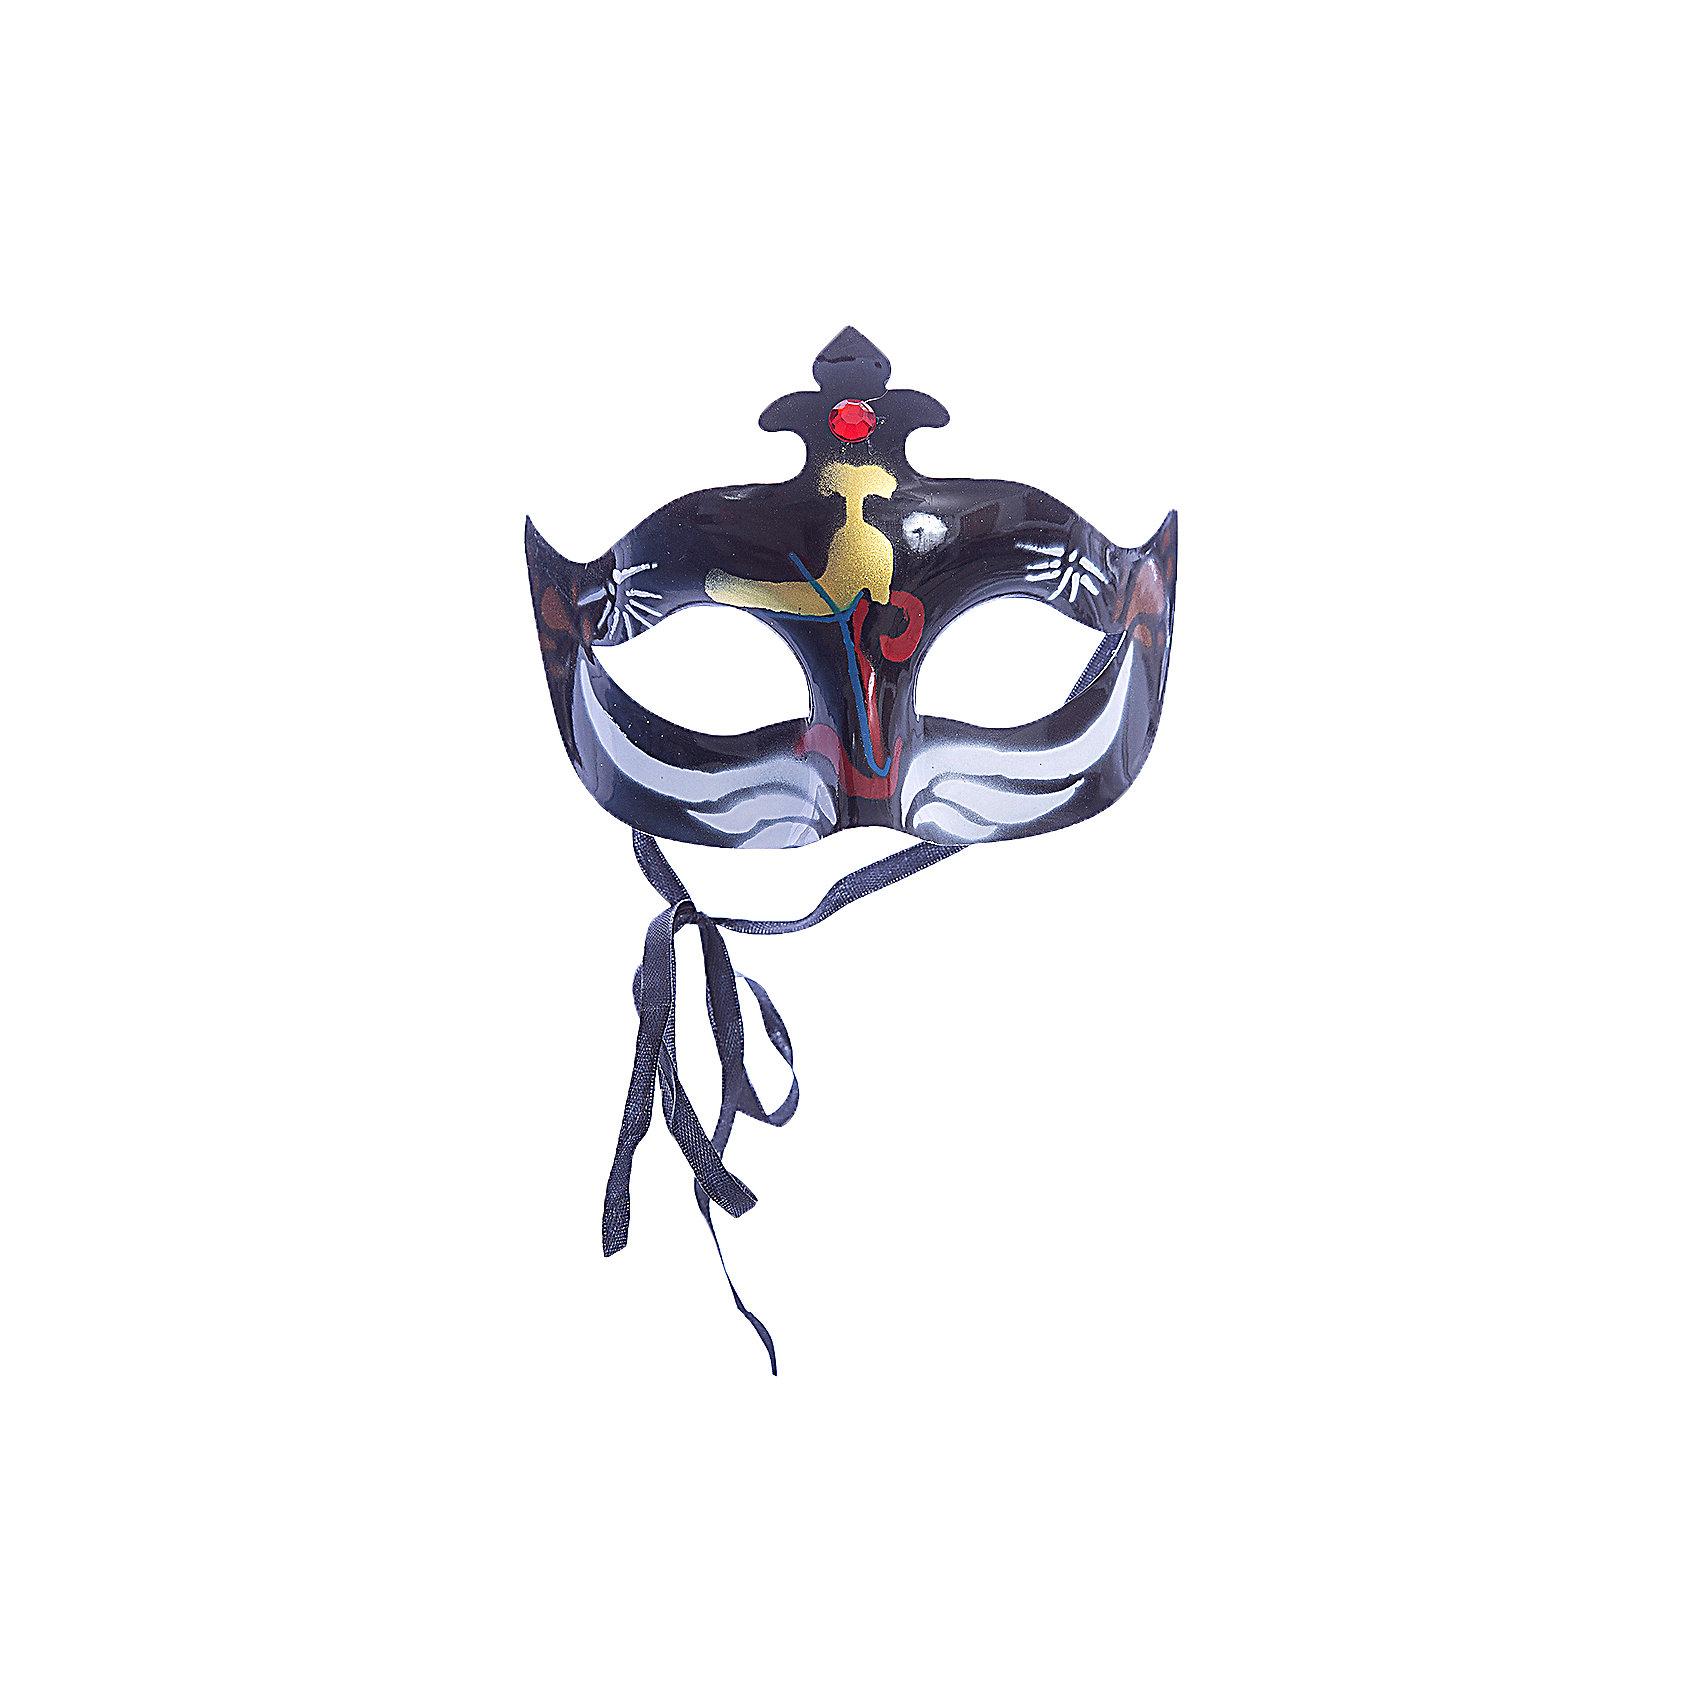 Карнавальная маска КошкаКарнавальная маска - отличный новогодний аксессуар. Блестящая маска подойдет к любому наряду и эффектно дополнит праздничный образ. <br><br>Дополнительная информация:<br><br>- Материал: пластик. <br>- Размер: 15,5х7,5х9 см.<br>- Украшена глиттером. <br>- Крепится с помощью атласной ленты. <br><br>Карнавальную маску Кошка можно купить в нашем магазине.<br><br>Ширина мм: 150<br>Глубина мм: 150<br>Высота мм: 10<br>Вес г: 28<br>Возраст от месяцев: 36<br>Возраст до месяцев: 2147483647<br>Пол: Женский<br>Возраст: Детский<br>SKU: 4981297